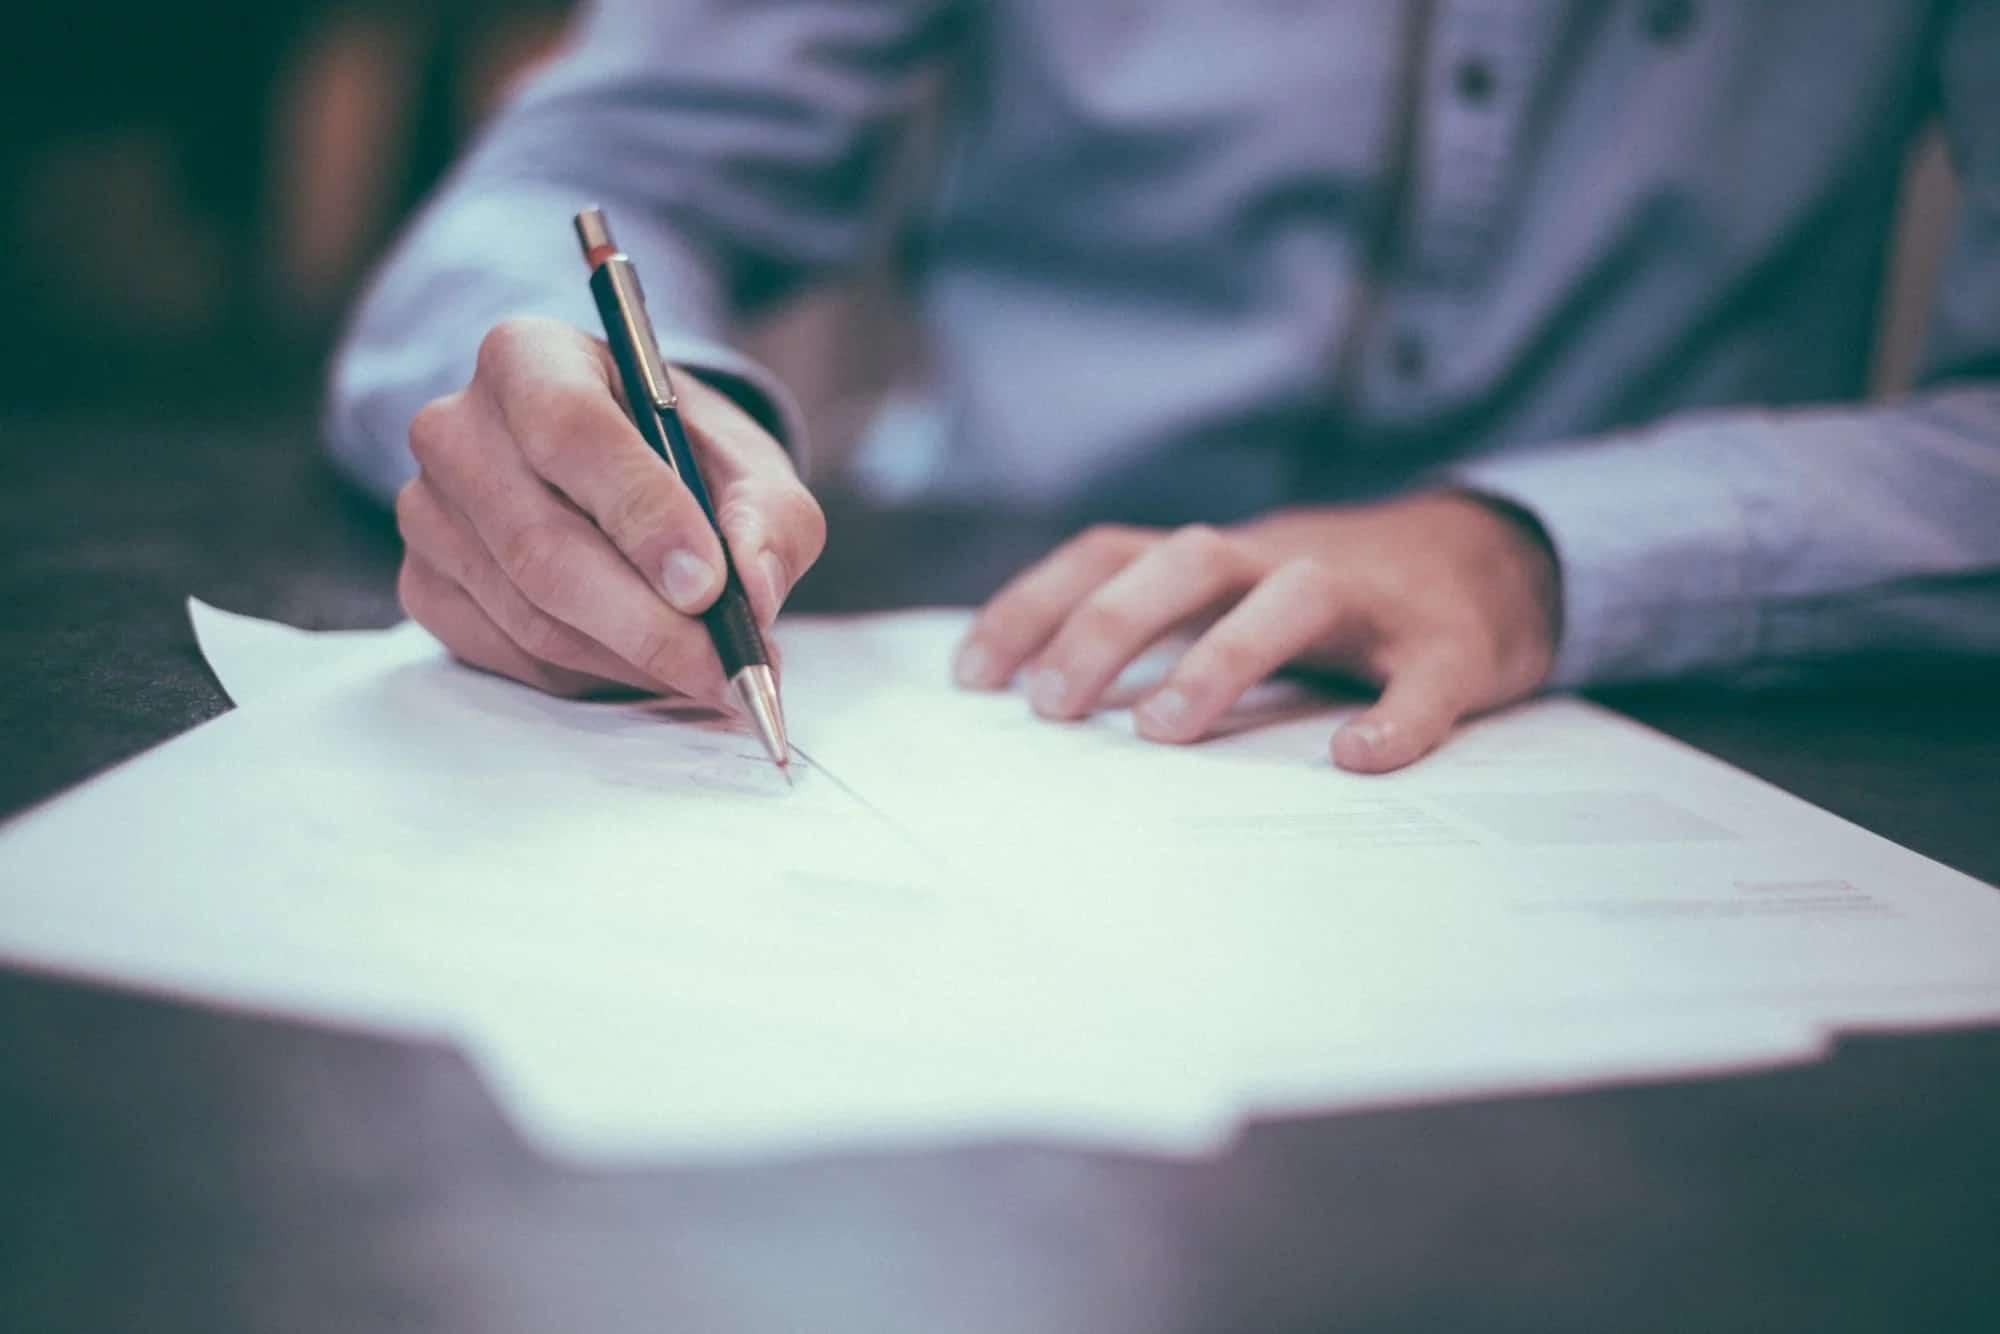 """ביטול פגרת בתי המשפט – פתרון קוסמטי לבעיה כאובה, ד""""ר אברהם טננבוים"""